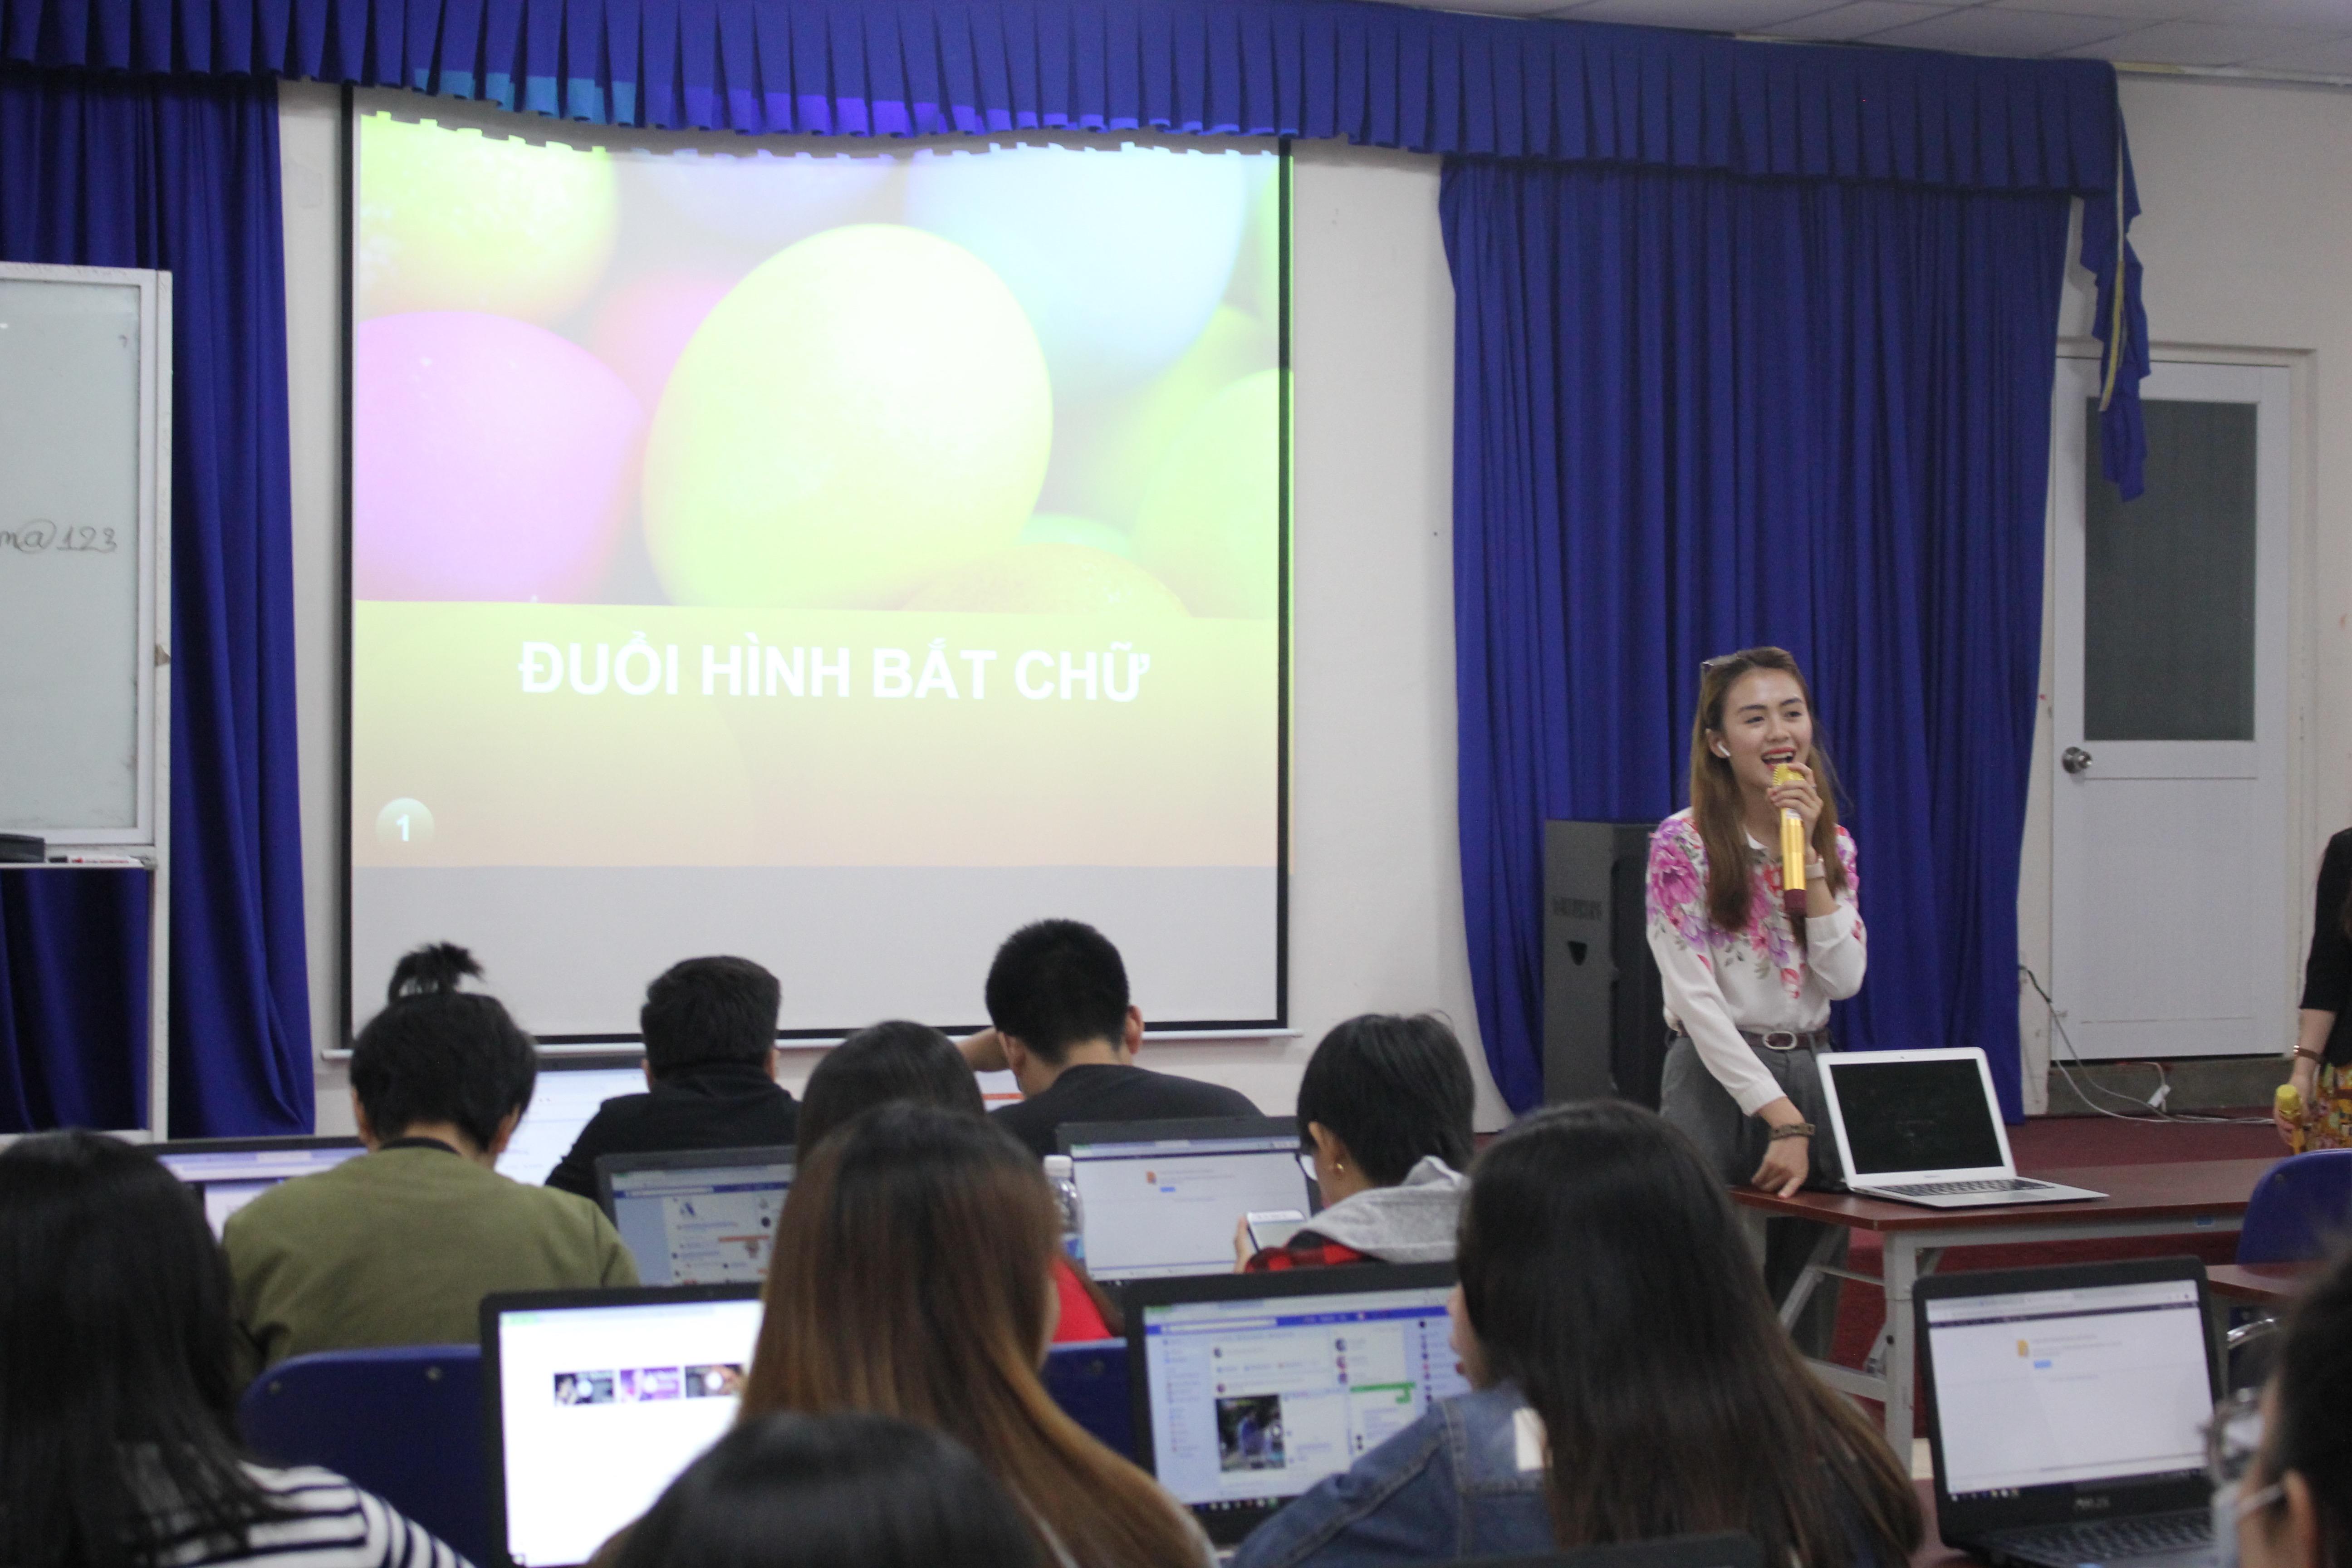 Theo cô, tạiFPT Polytechnic,sinh viên được rèn kỹ năng làm việc nhóm, học online trước khi đến lớp, làm đúng deadline,… Từ đó tạo cho sinh viên thói quen và tinh thần trách nhiệm tốt hơn.